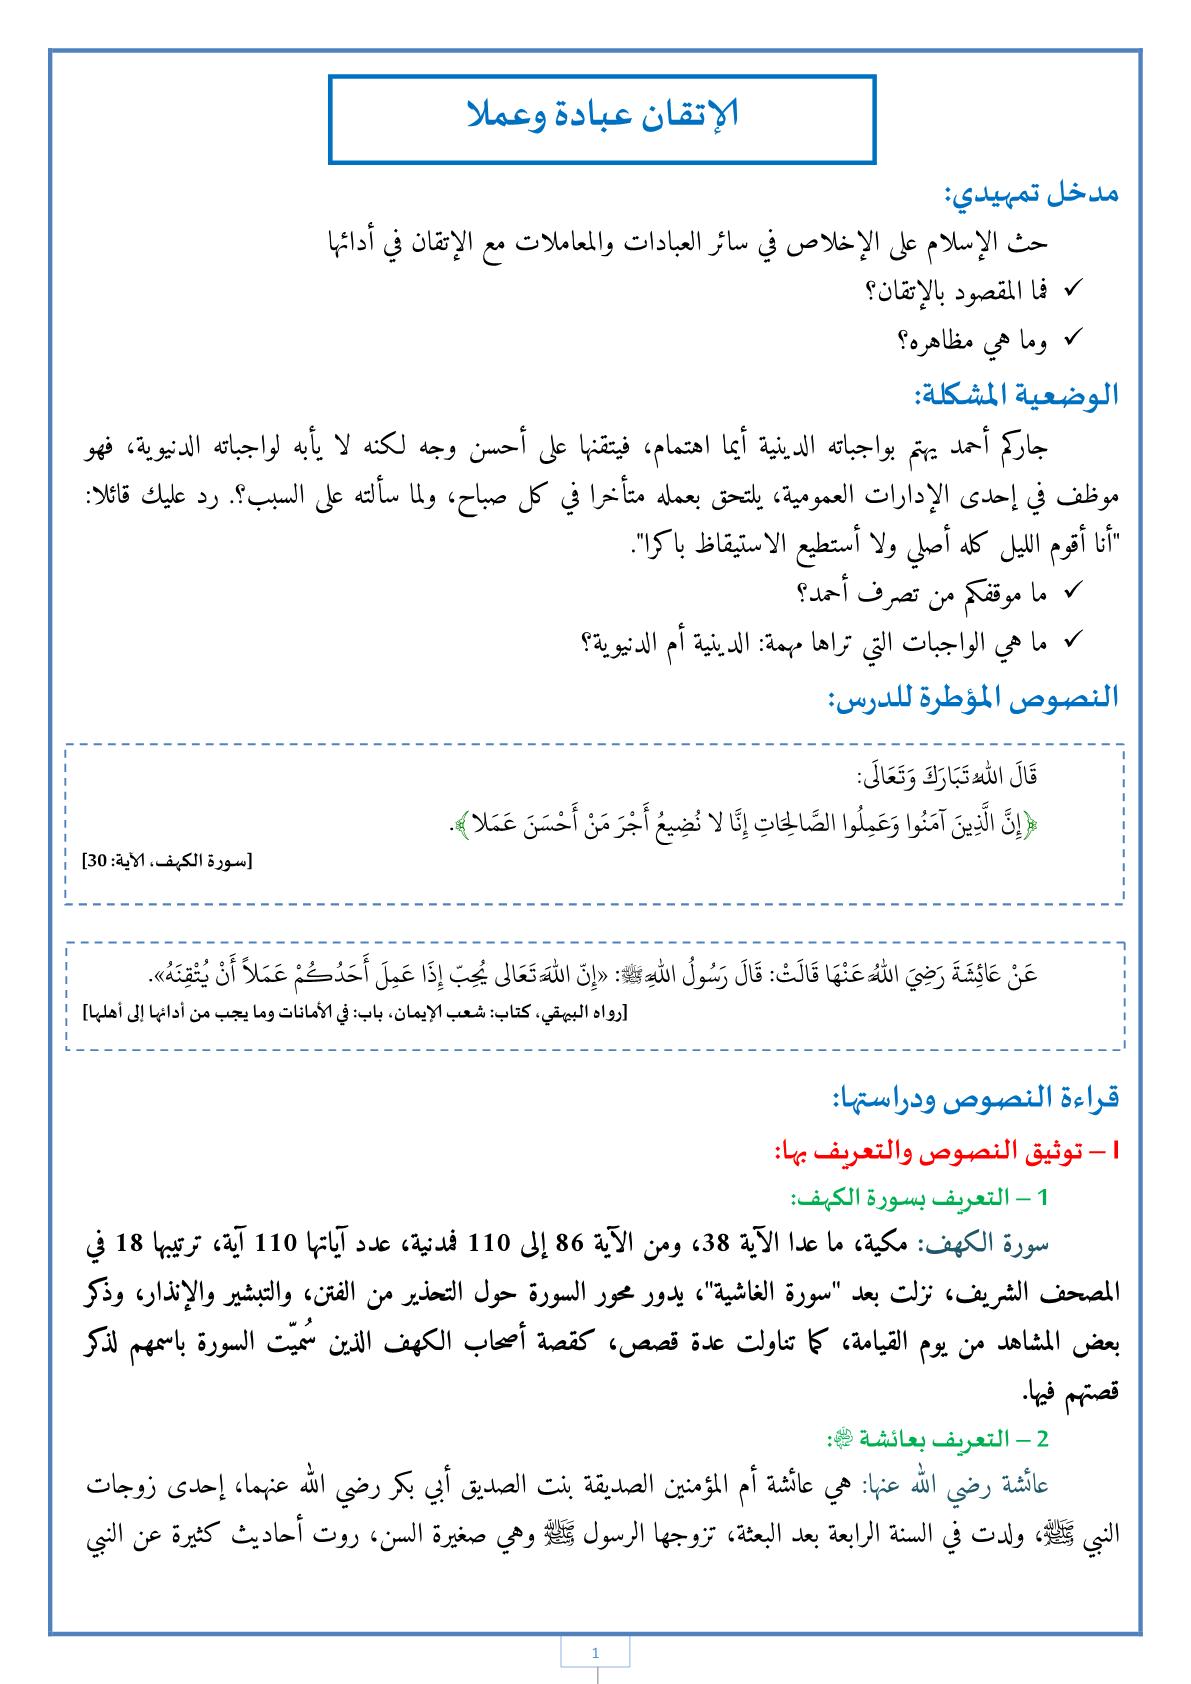 درس الإتقان عبادة وعملا مادة التربية الاسلامية للسنة الأولى إعدادي